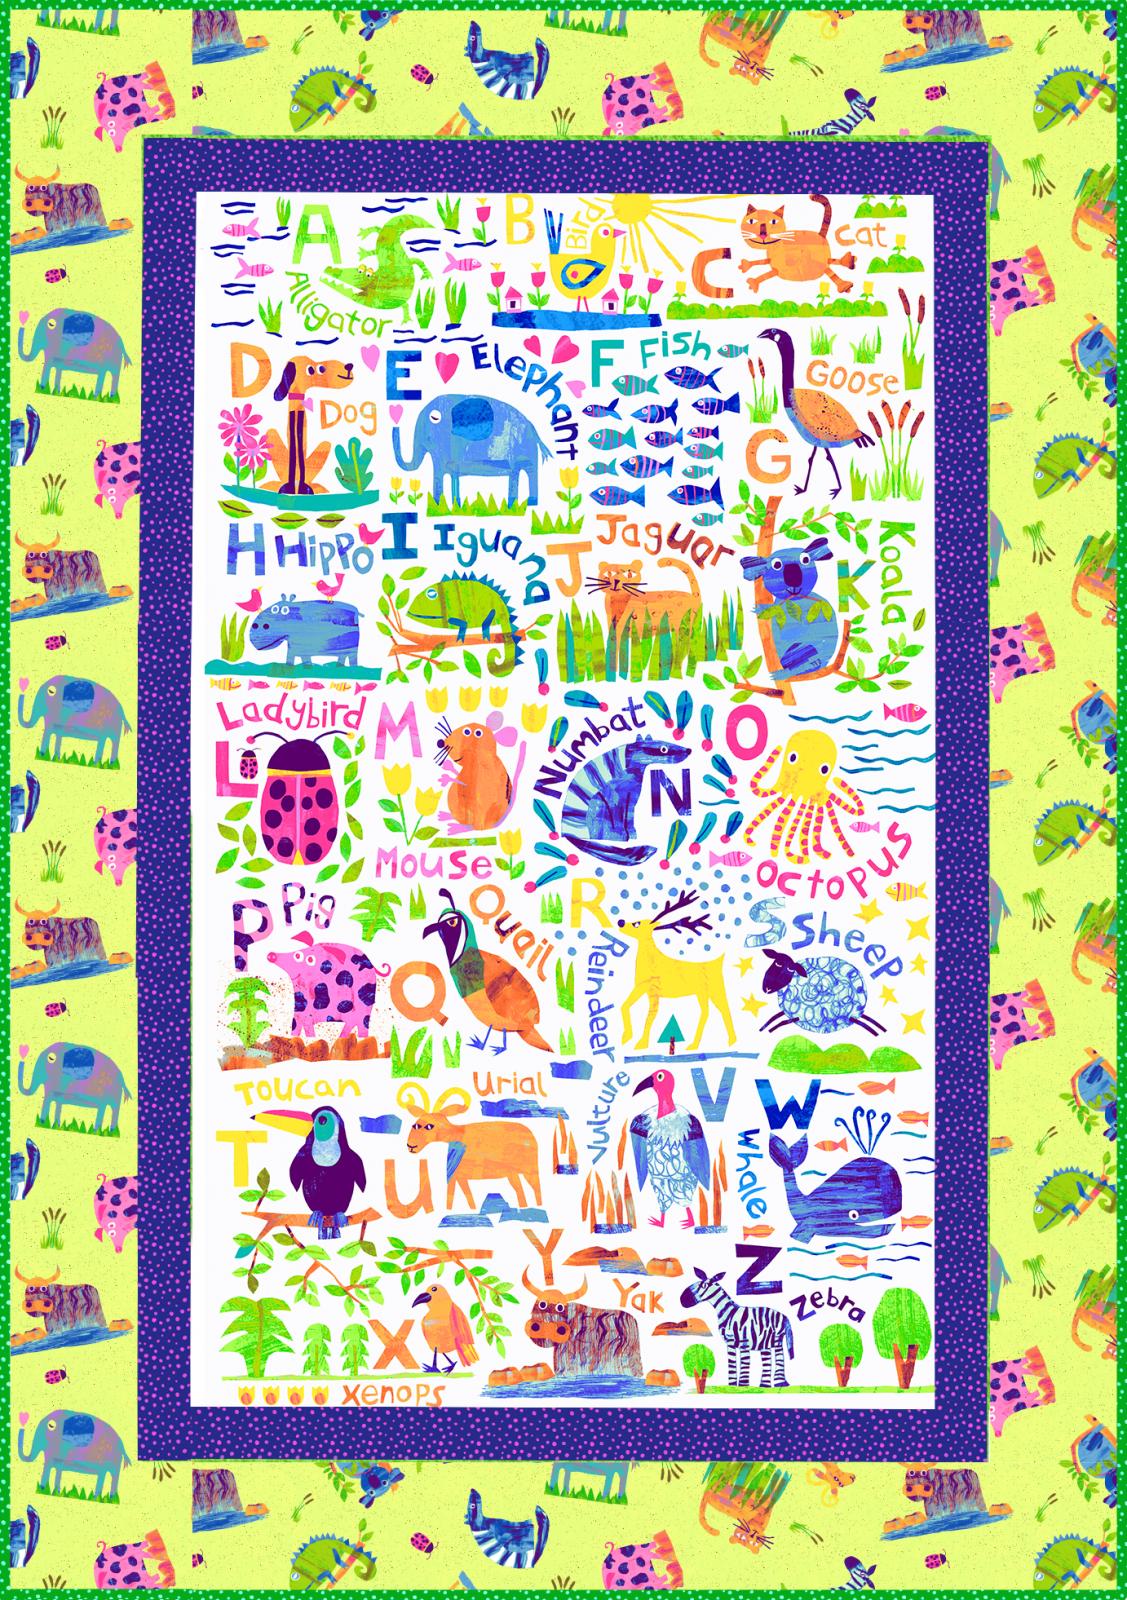 Animal Magic Quilt / Wall Hanging Kit (35 x 55)